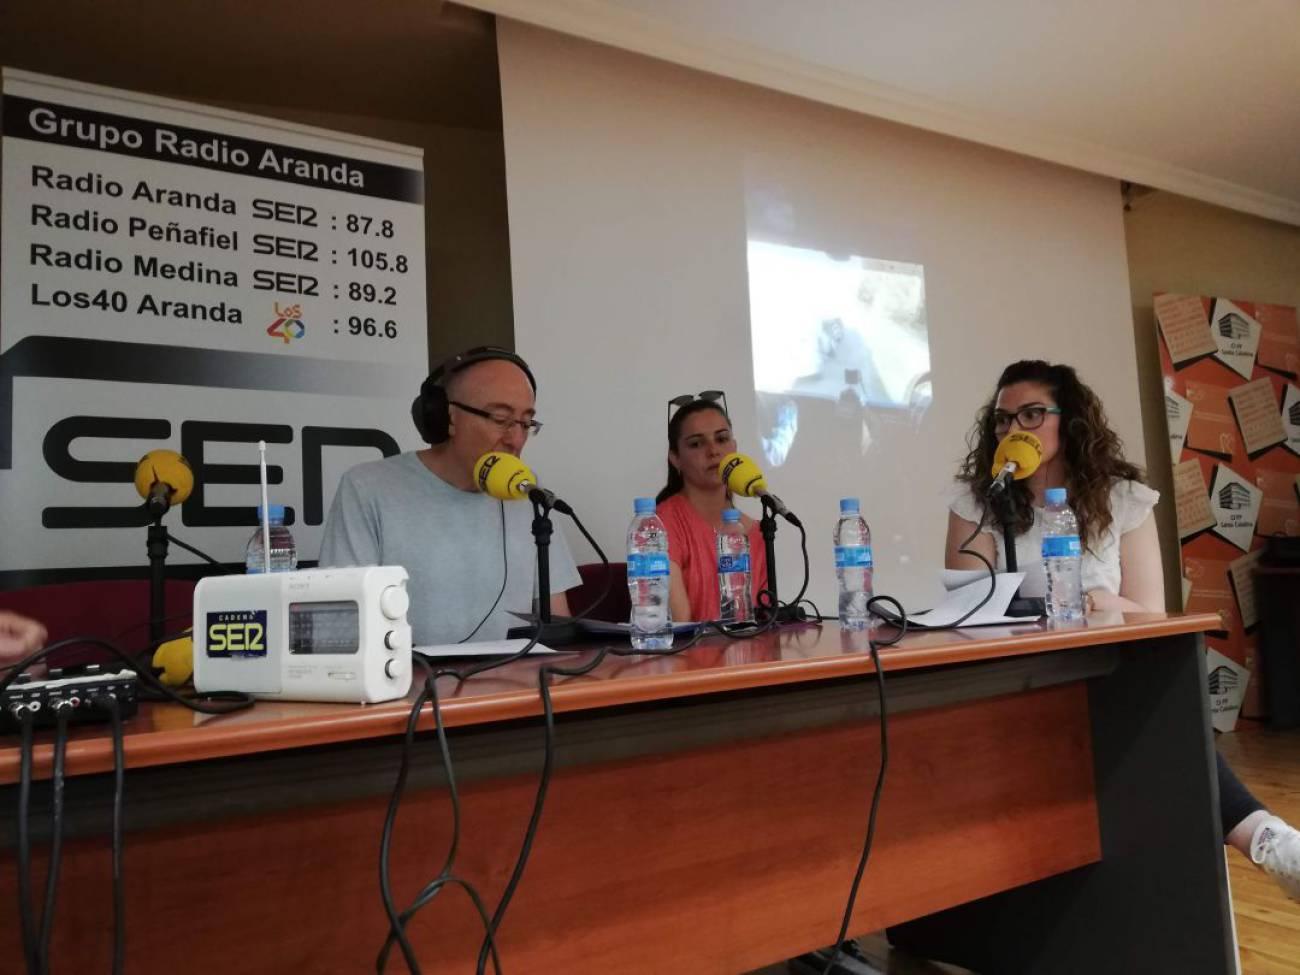 Cifp Santa Catalina El Poder De La Formación Profesional Radio Aranda Cadena Ser